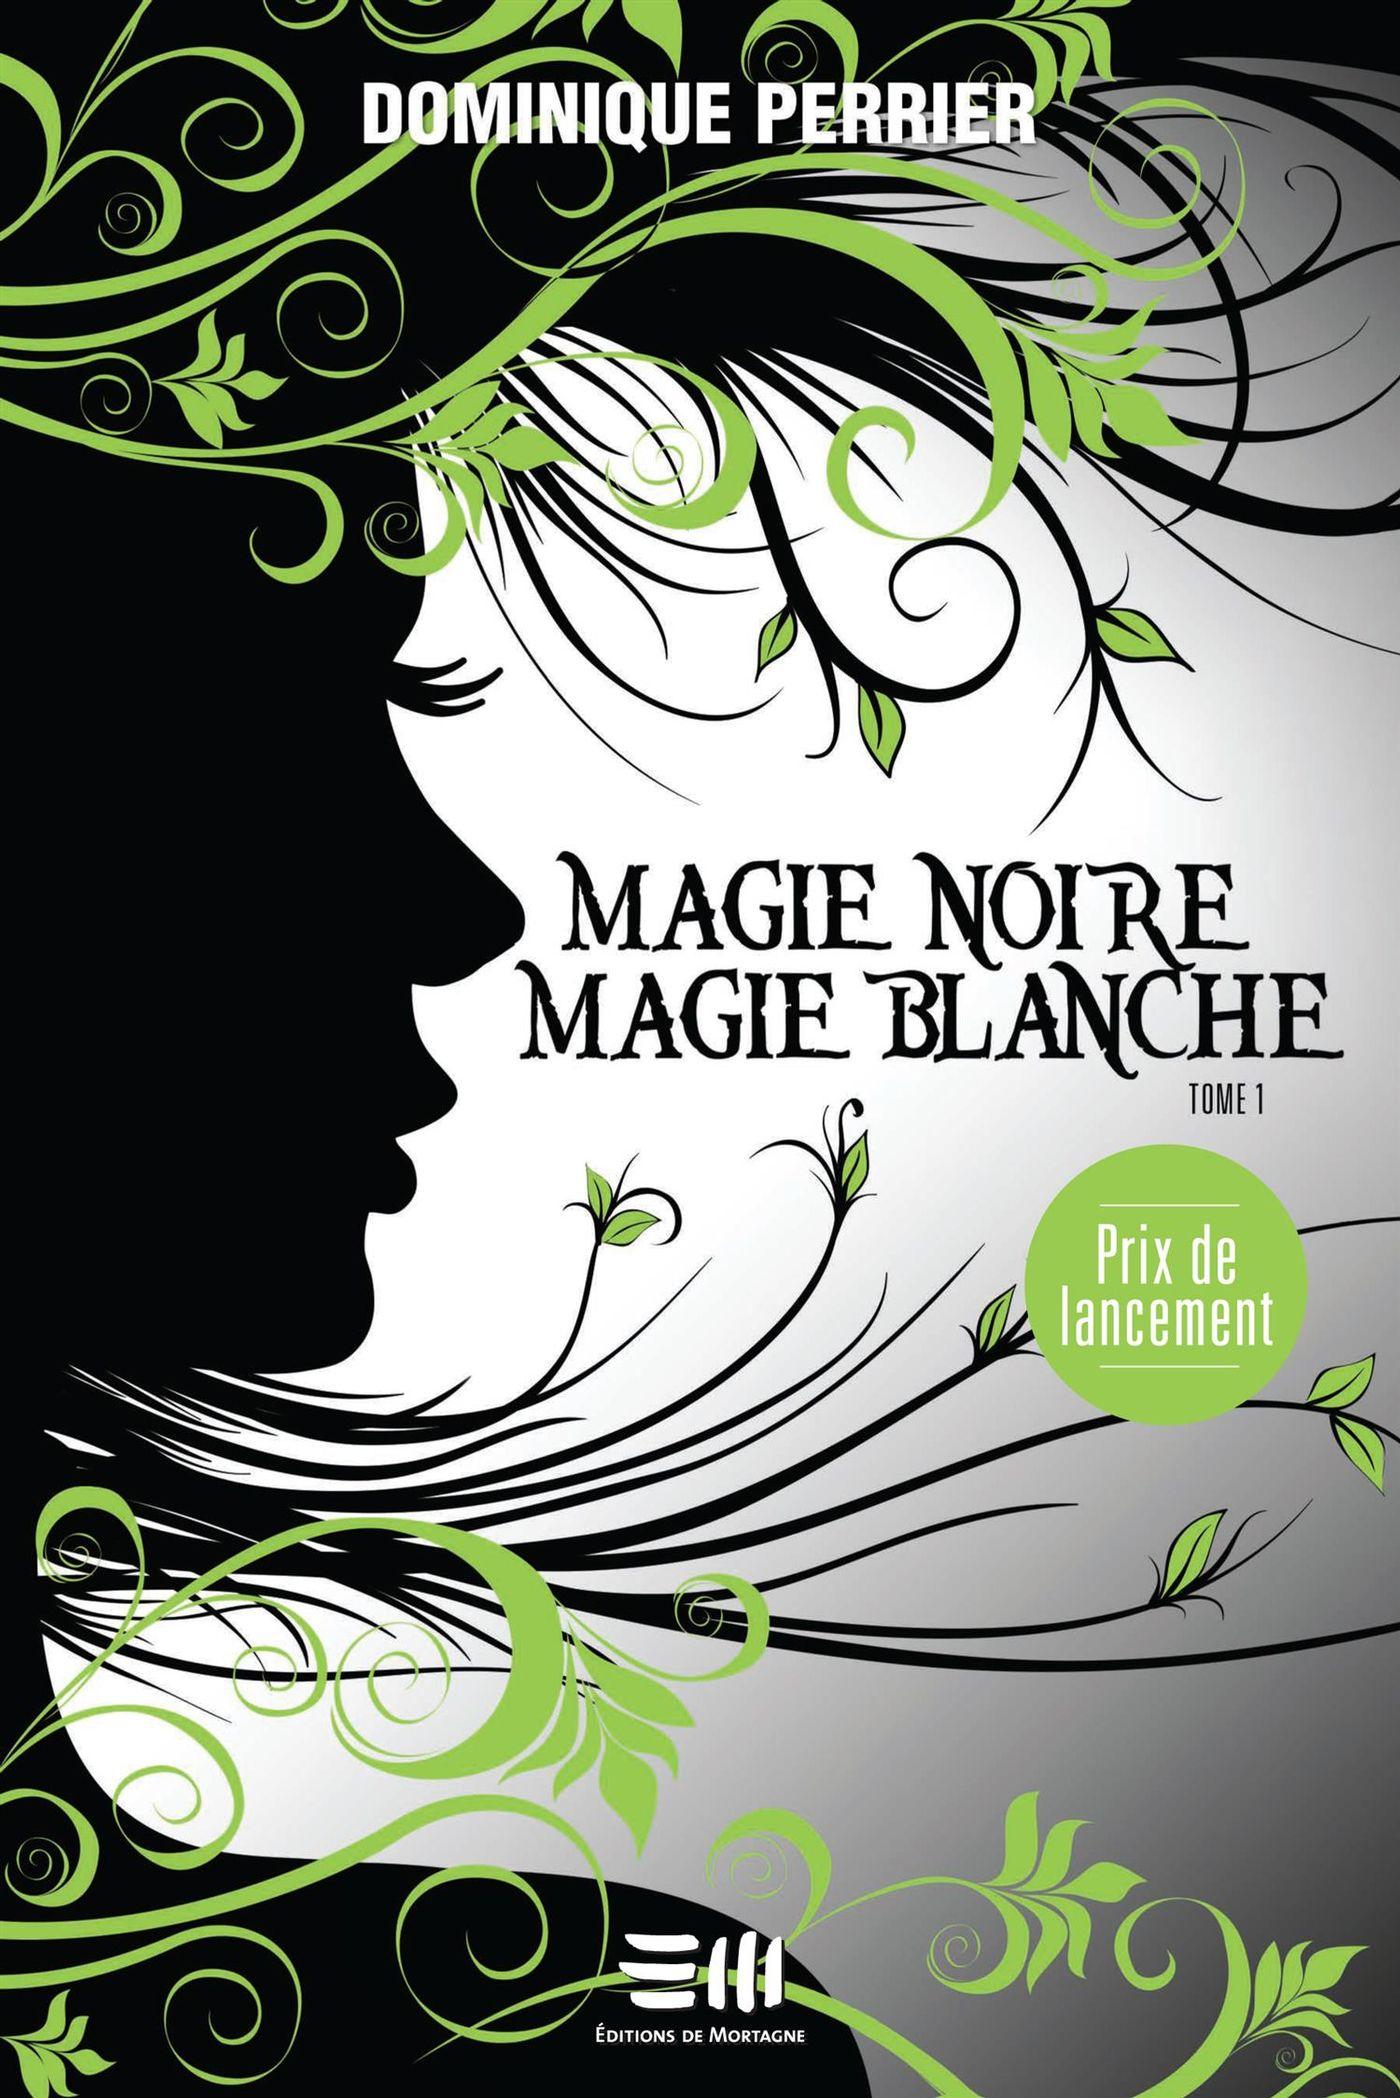 Magie noire, magie blanche